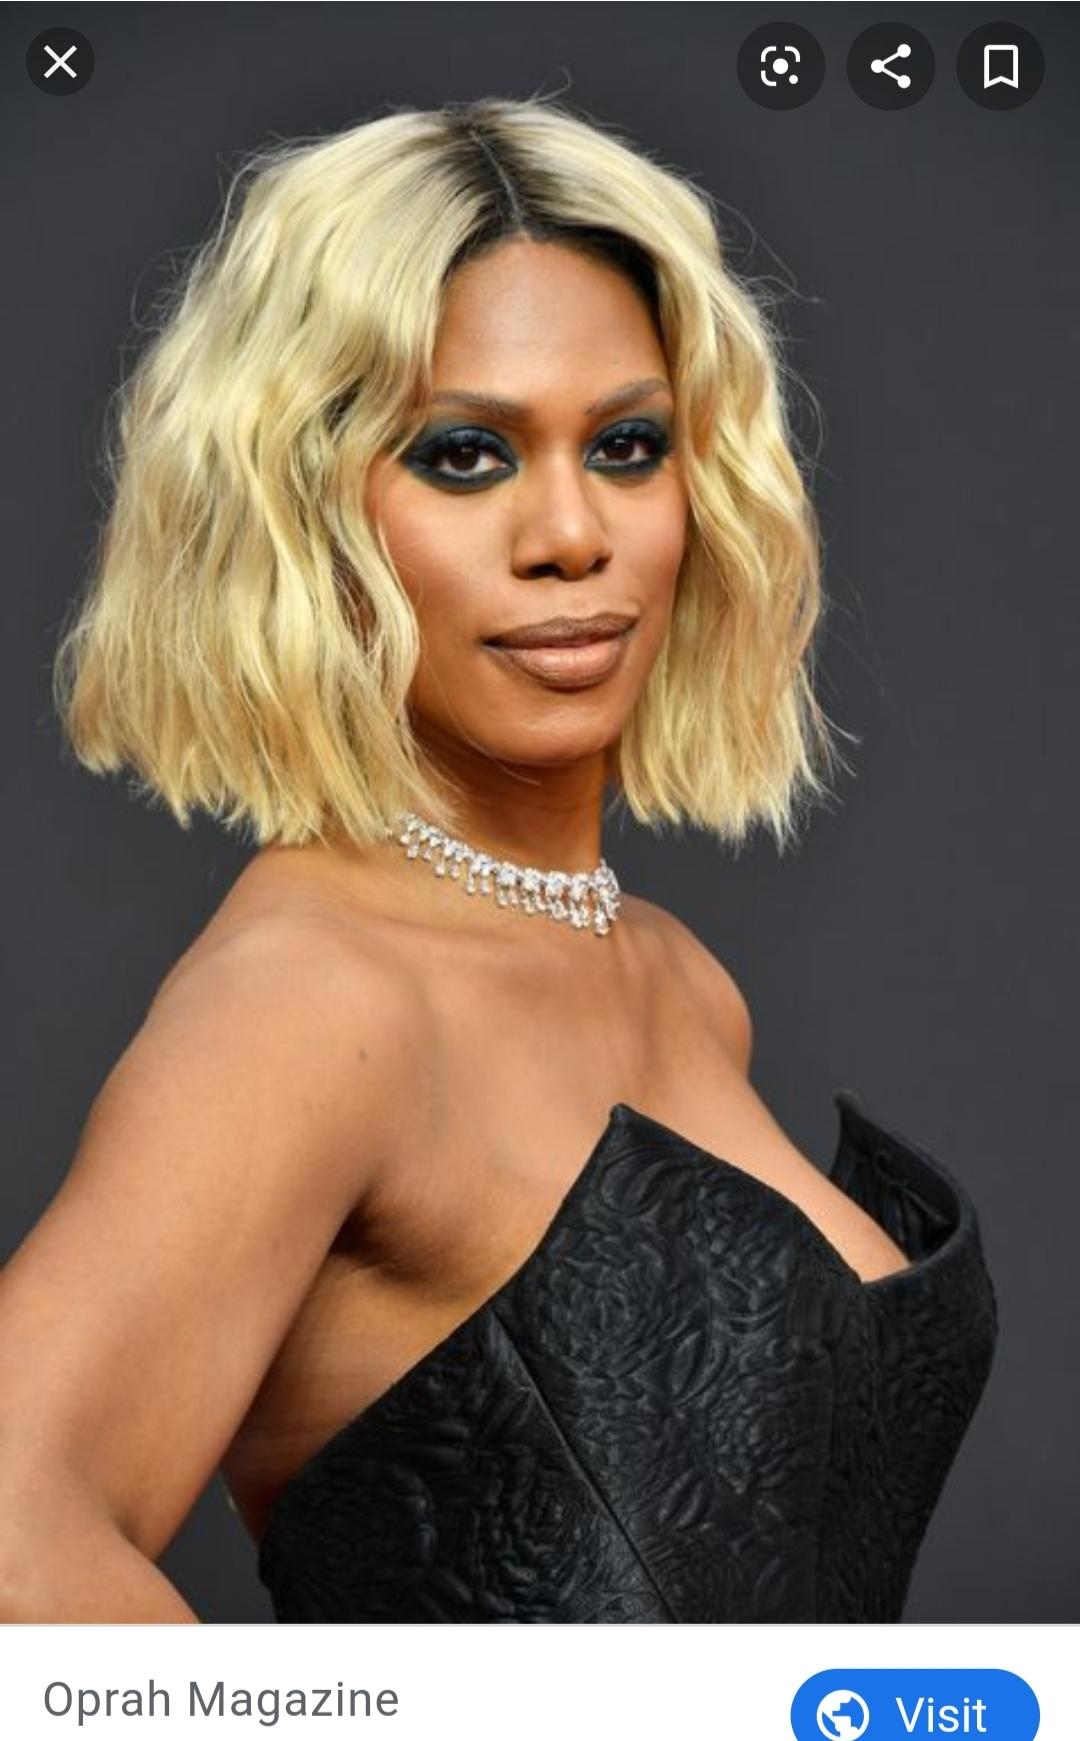 Courtesy of Oprah Magazine